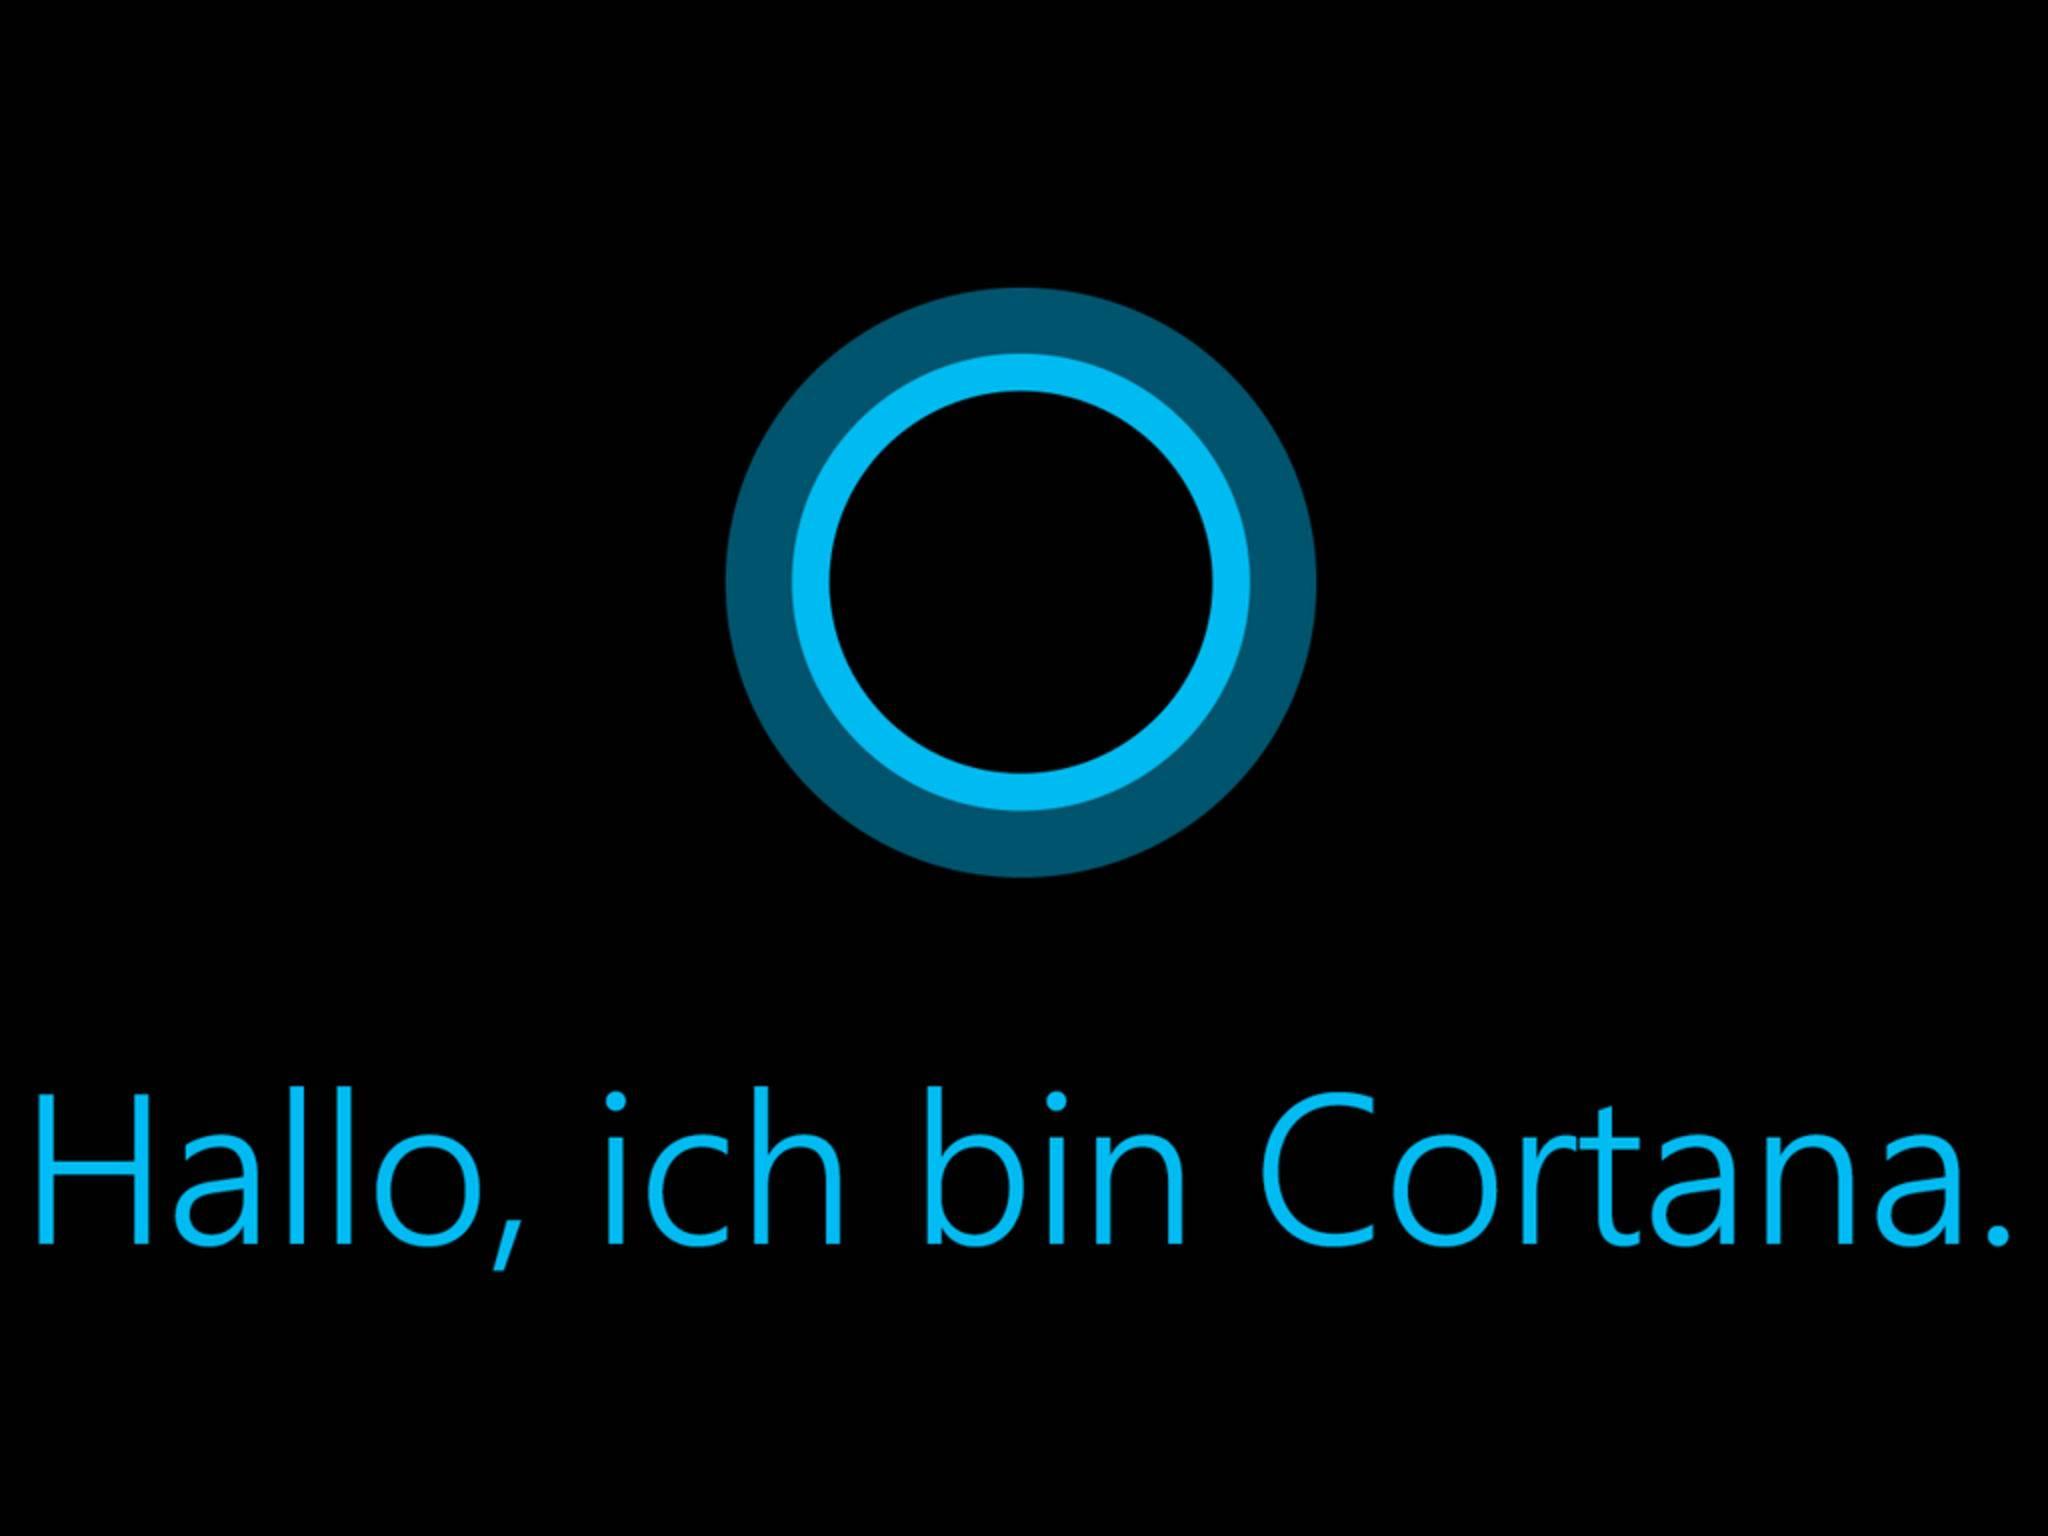 Microsoft setzt auf Cortana als Sprachassistentin.